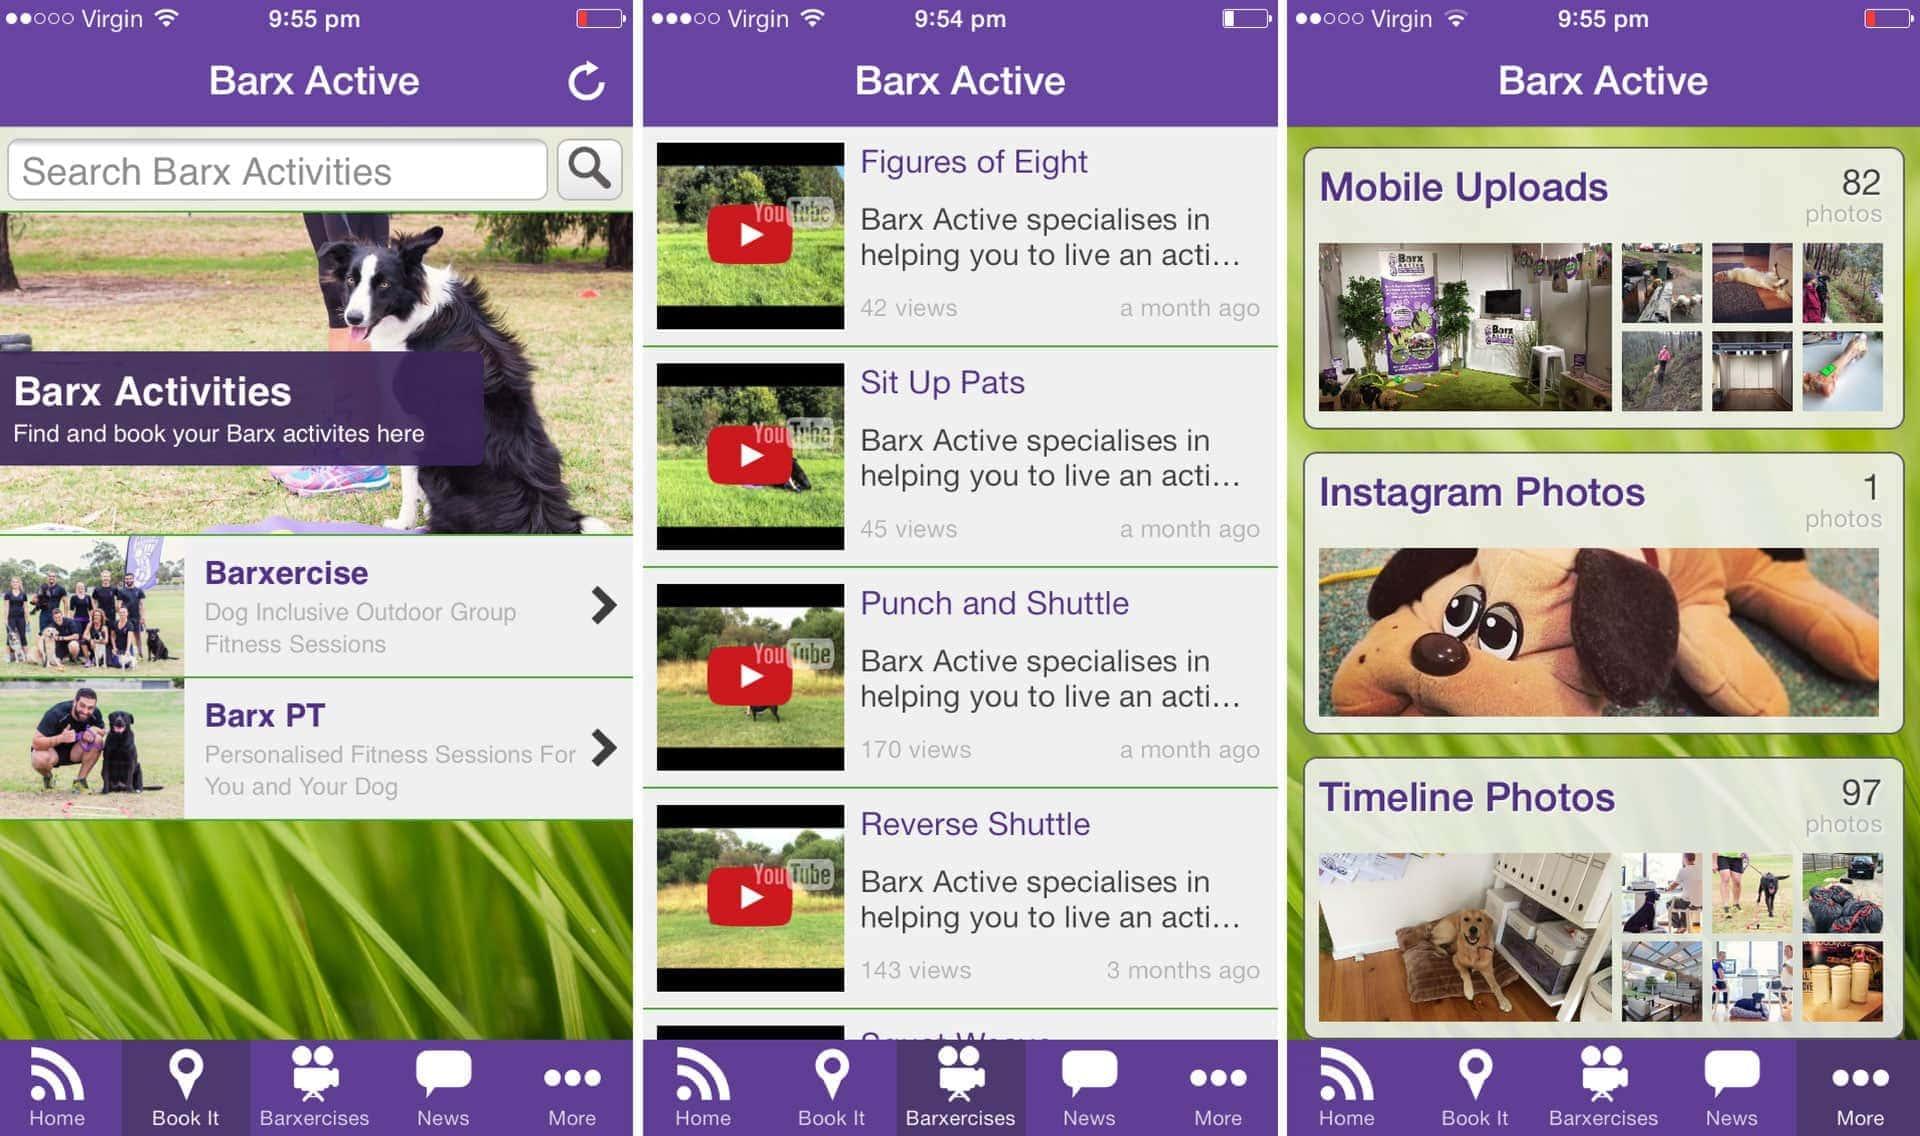 Barx Active App